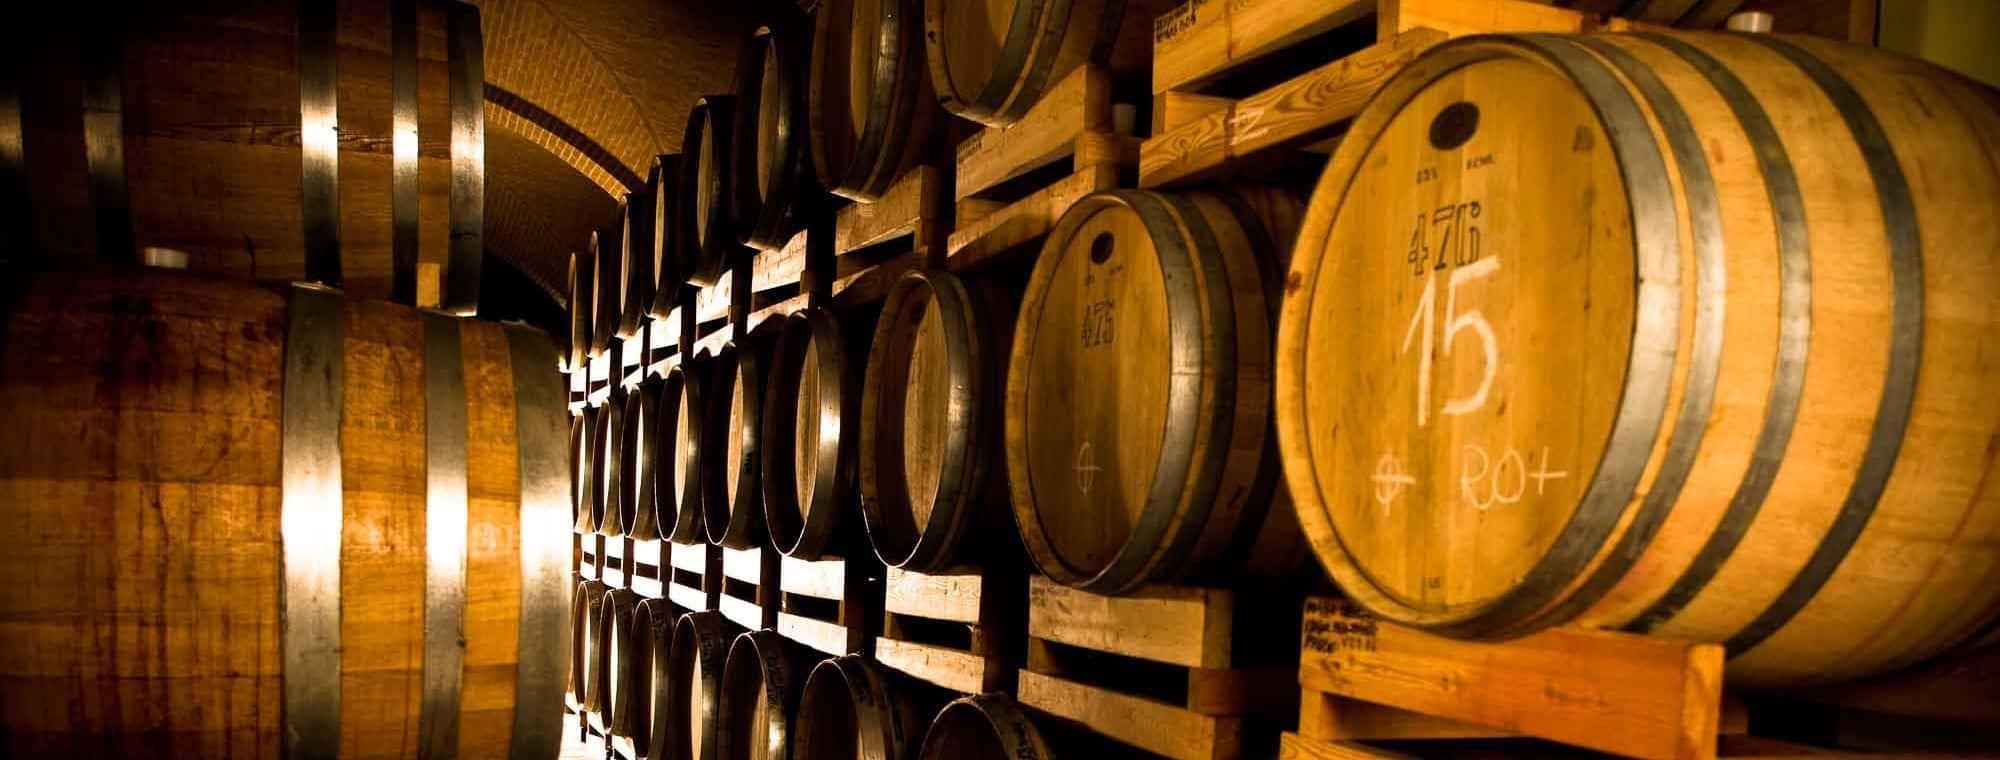 Consorzi di tutela del vino DOC di Verona